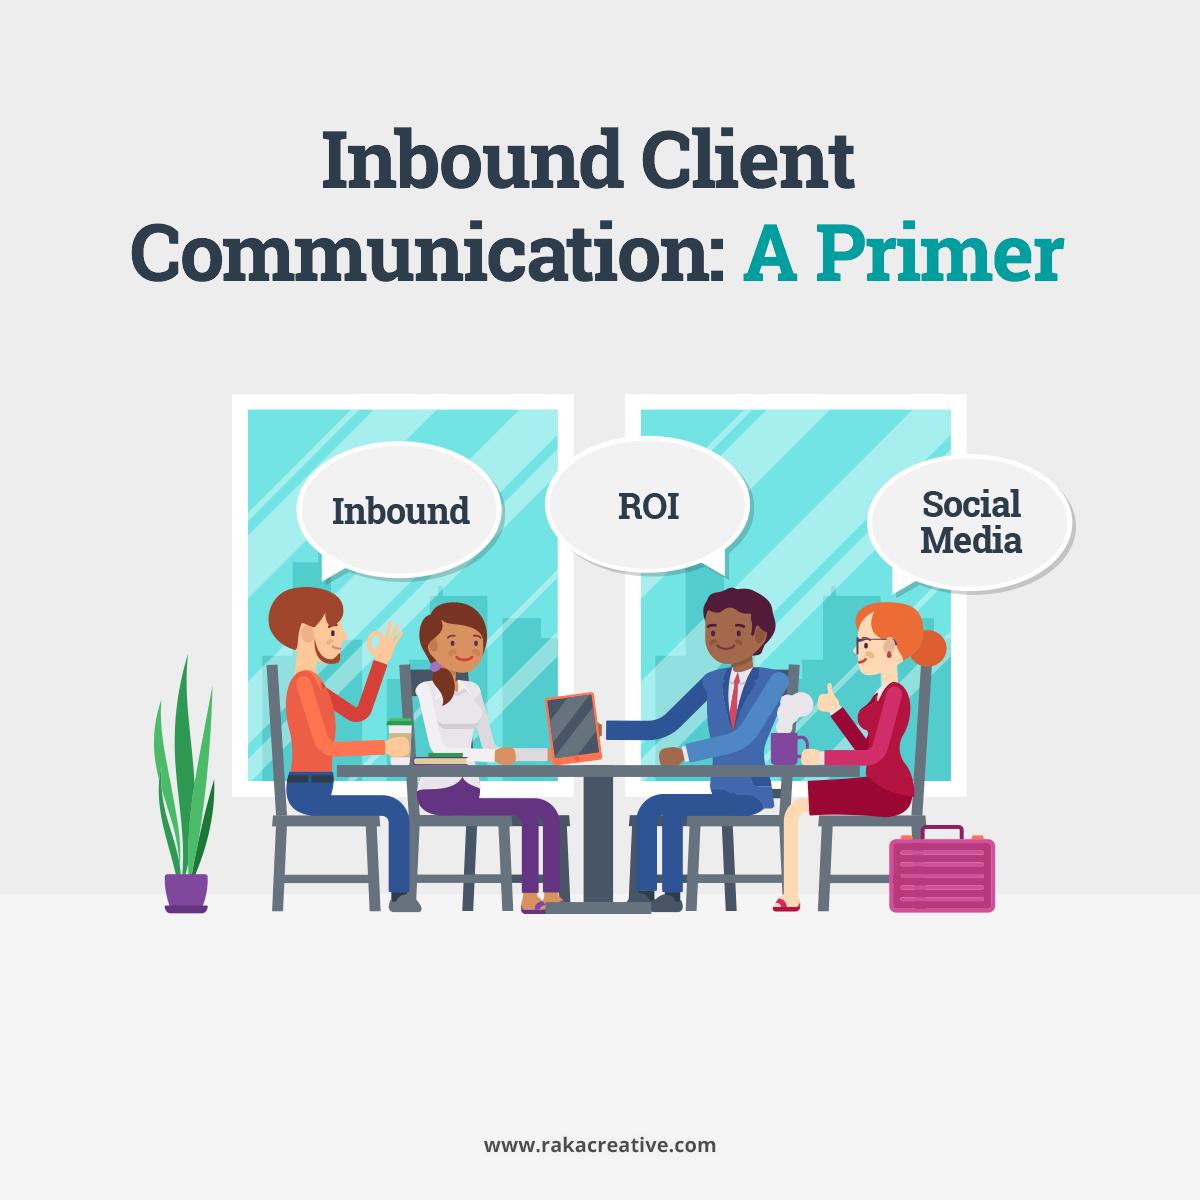 Inbound Client Communication